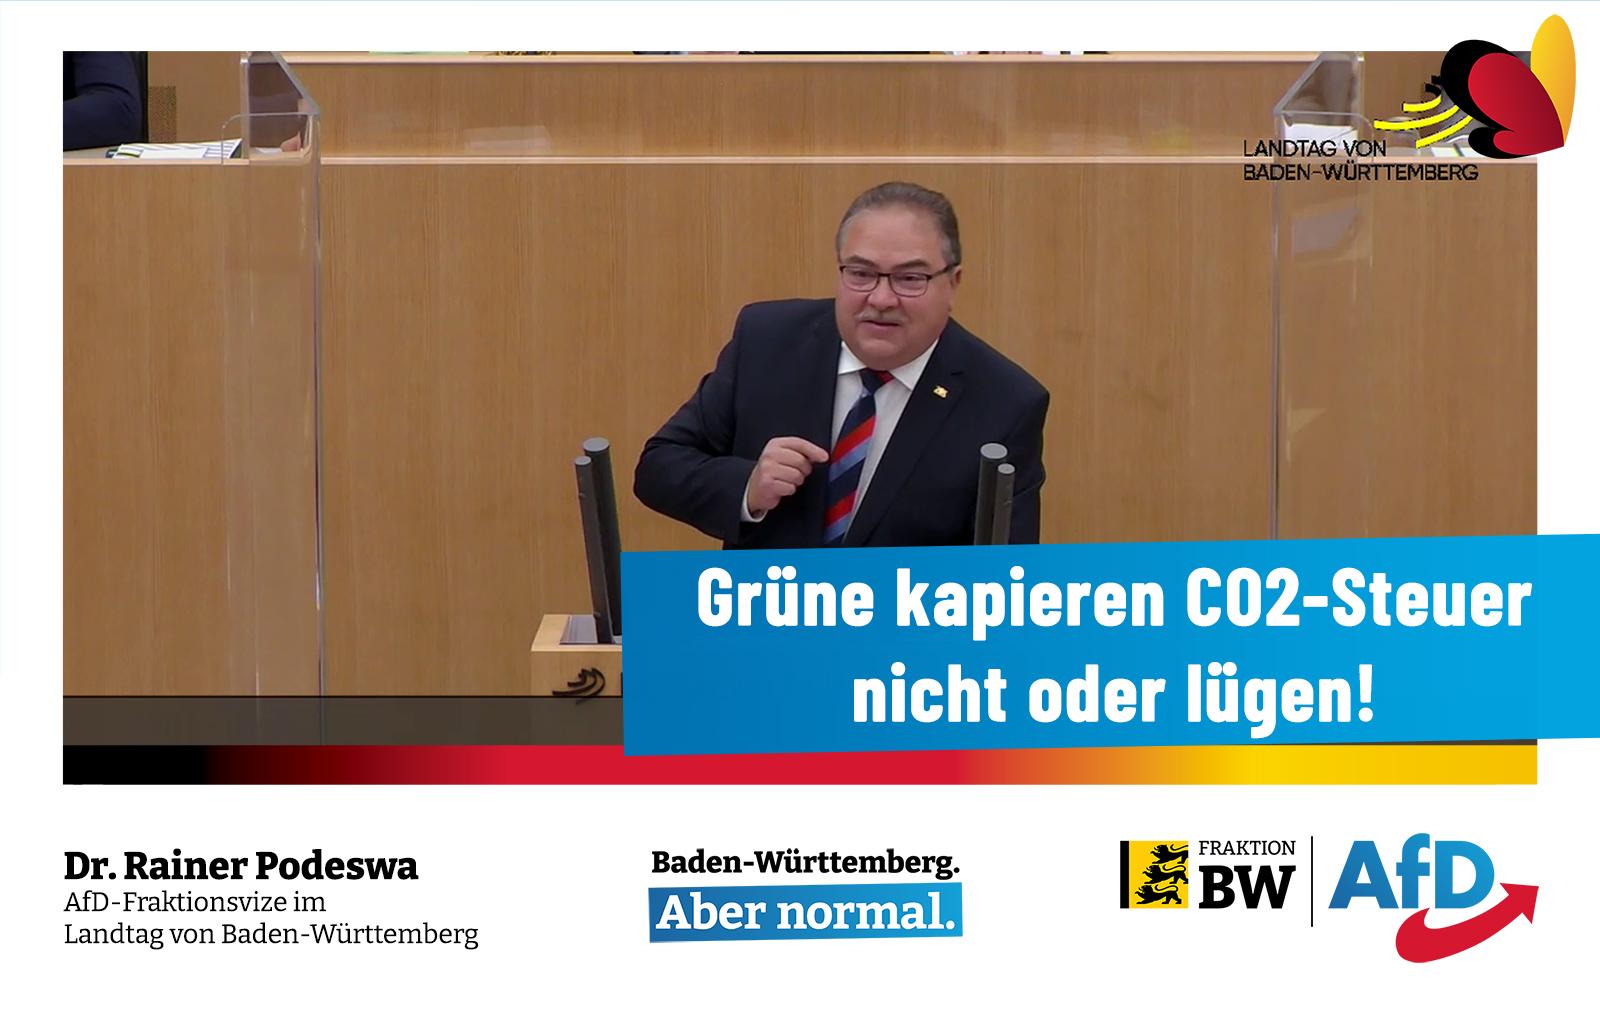 Dr. Rainer Podeswa: Grüne kapieren CO2-Steuer nicht oder lügen!